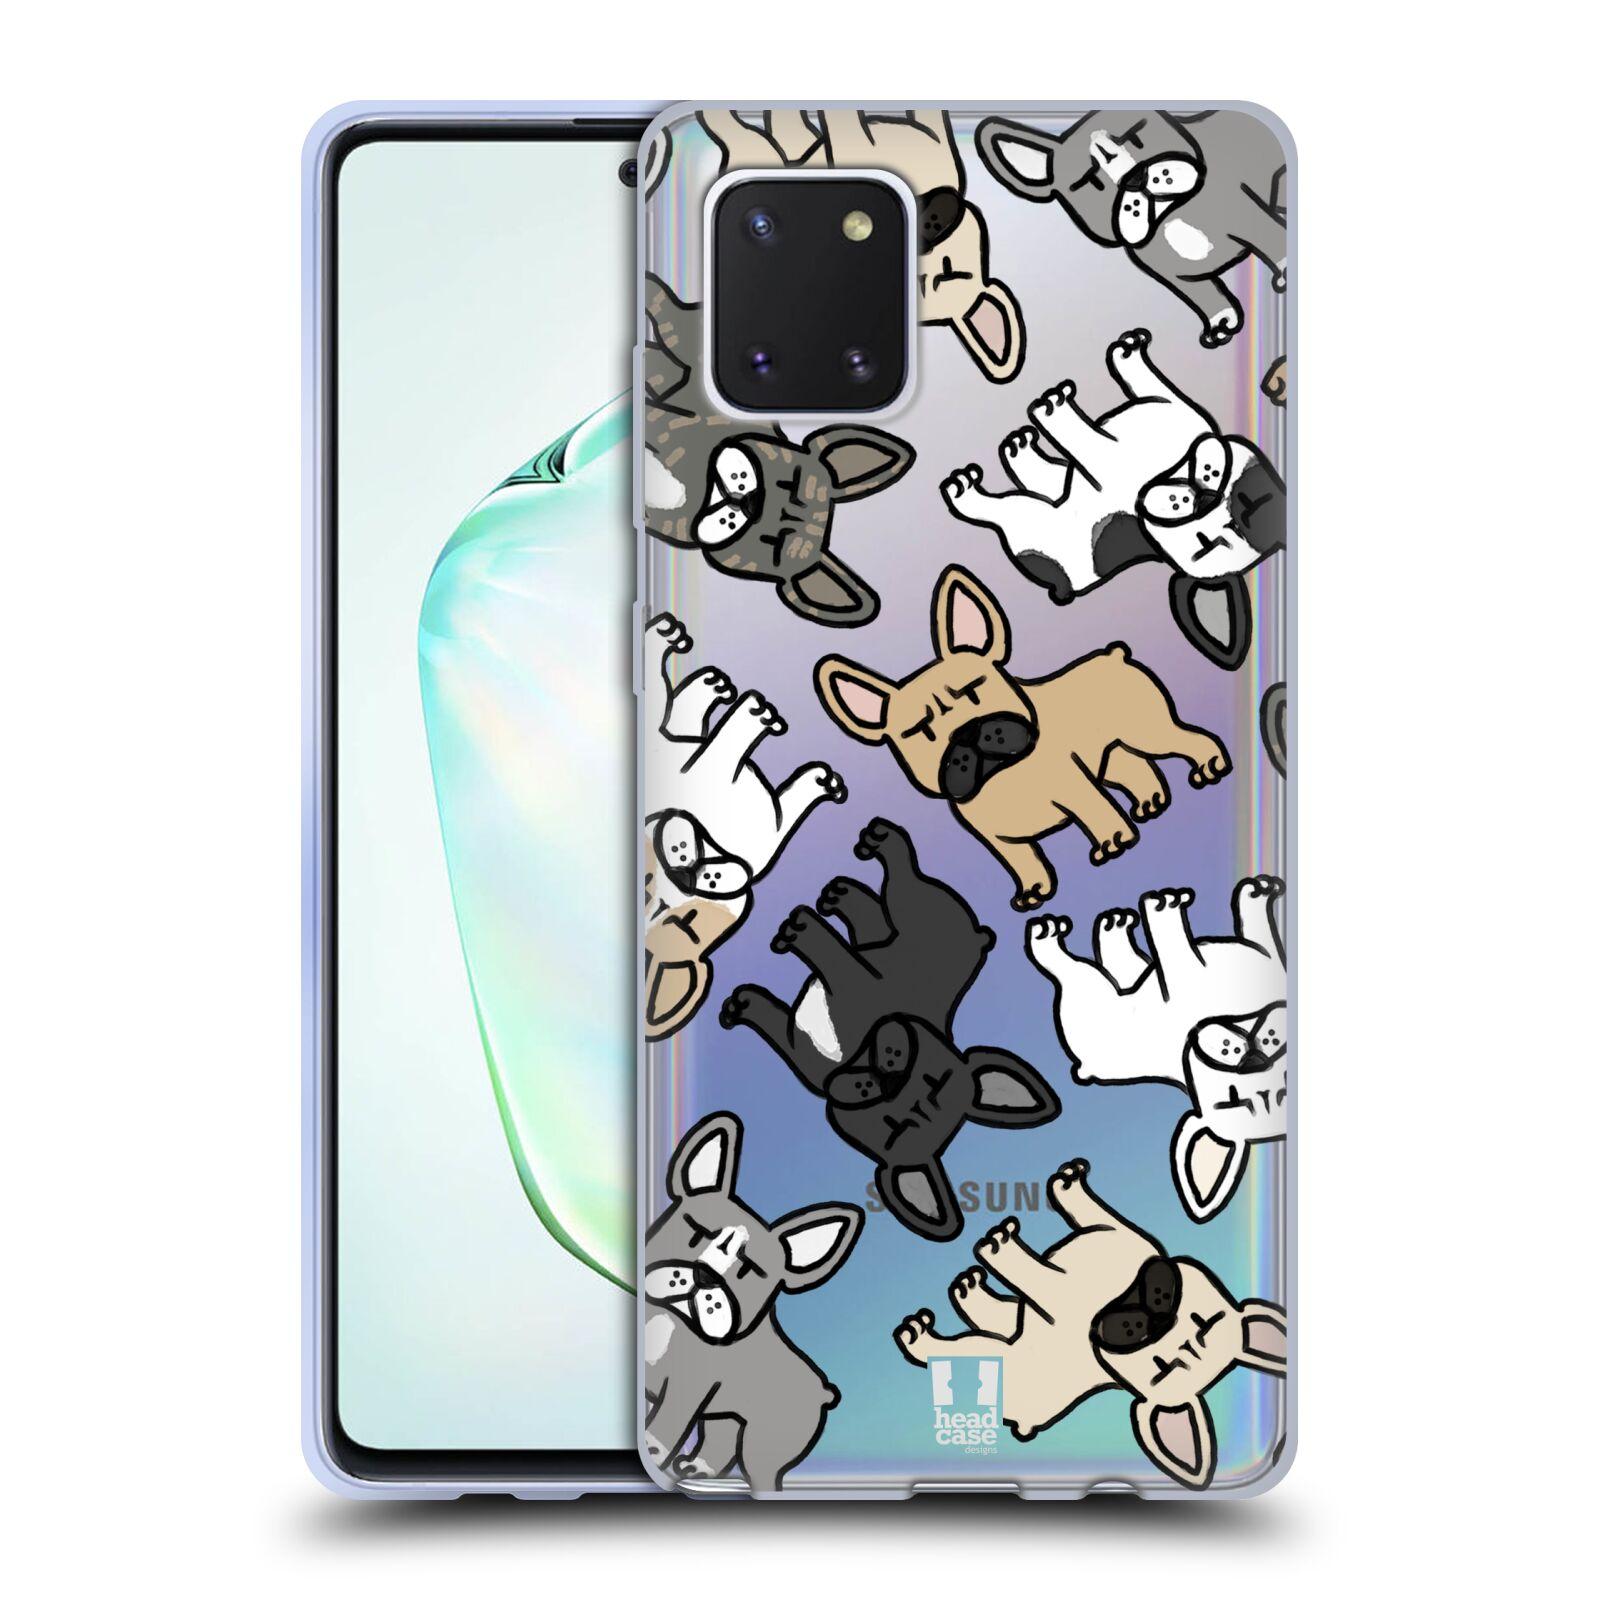 Silikonové pouzdro na mobil Samsung Galaxy Note 10 Lite - Head Case - Francouzští buldočci